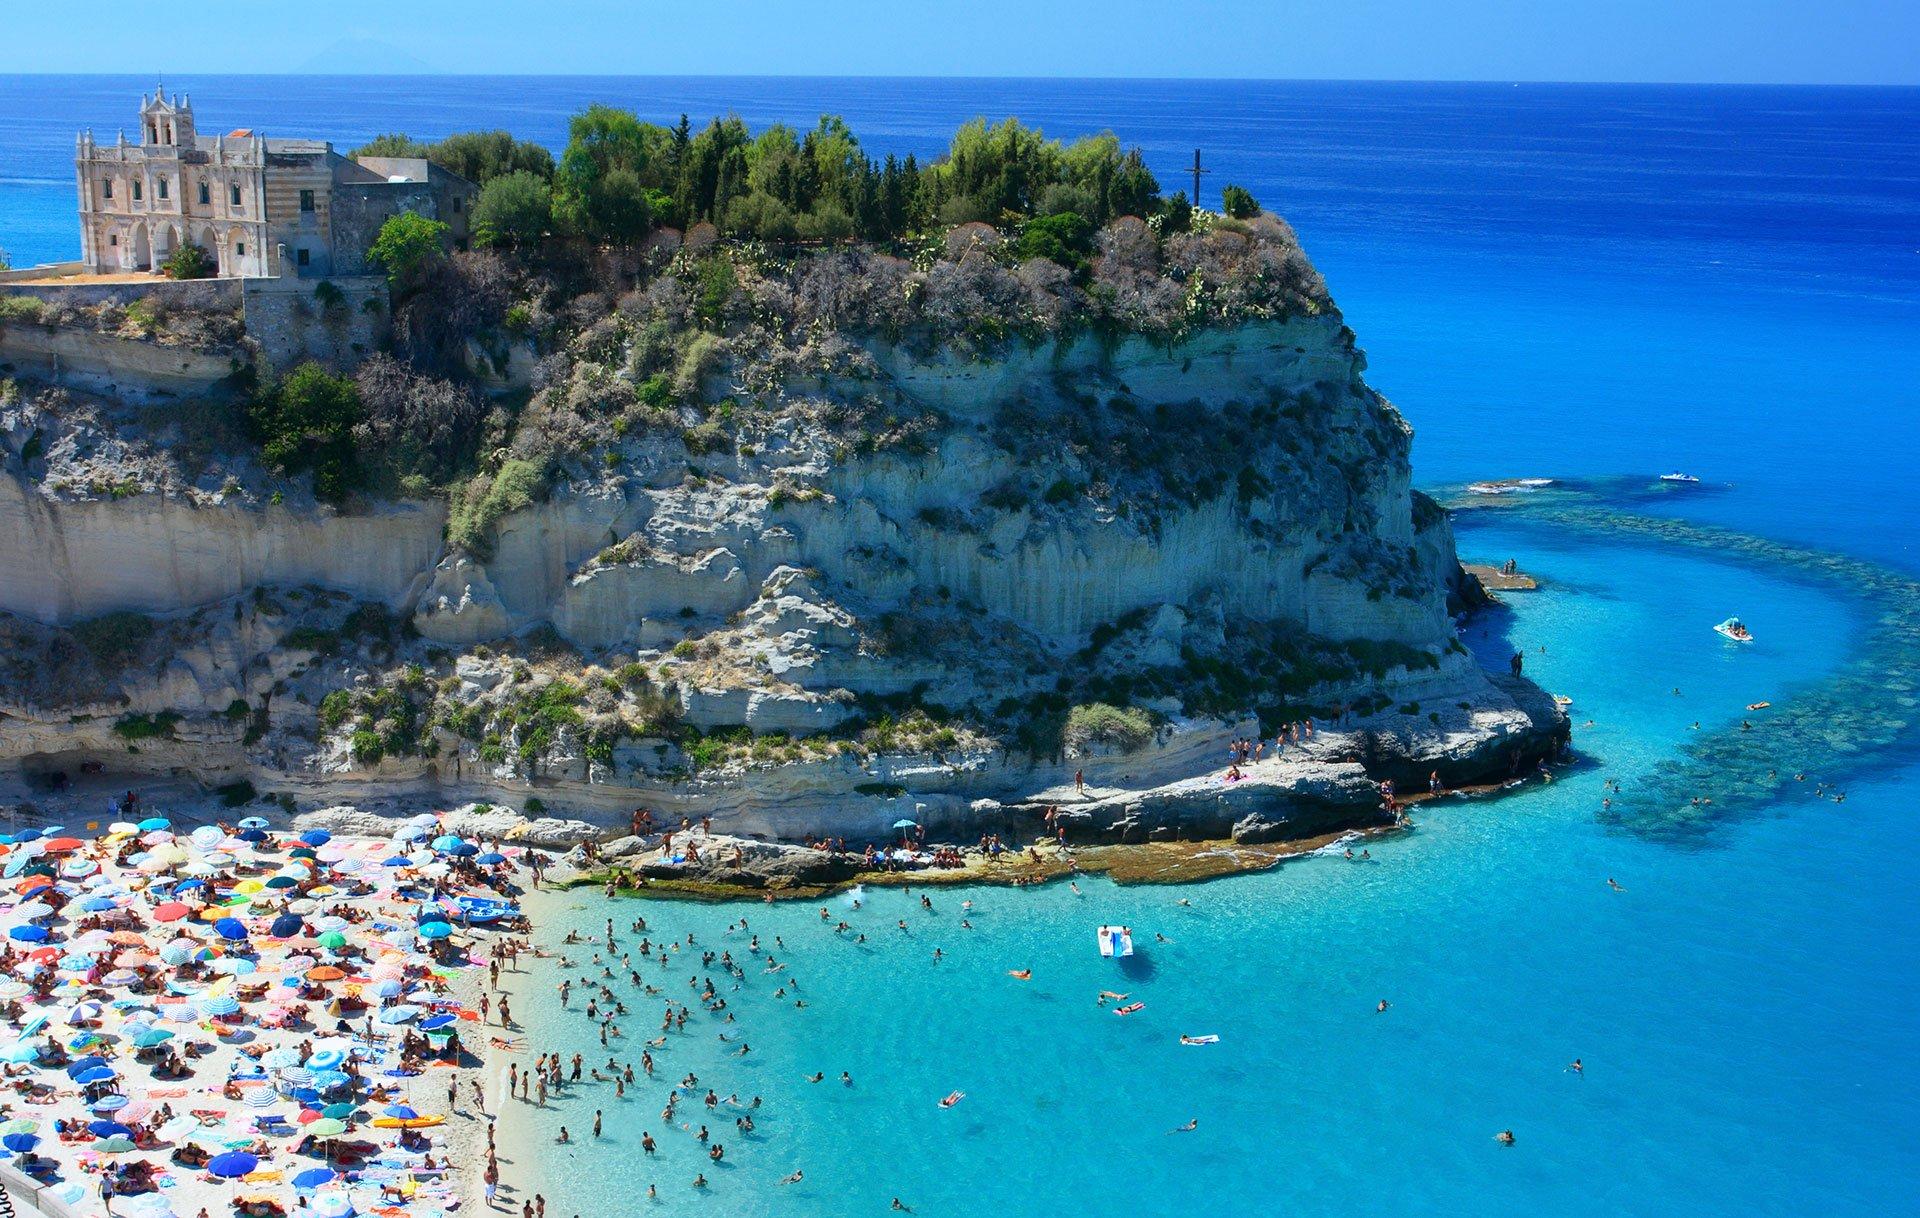 Vacanze in Calabria sulla Costa degli Dei